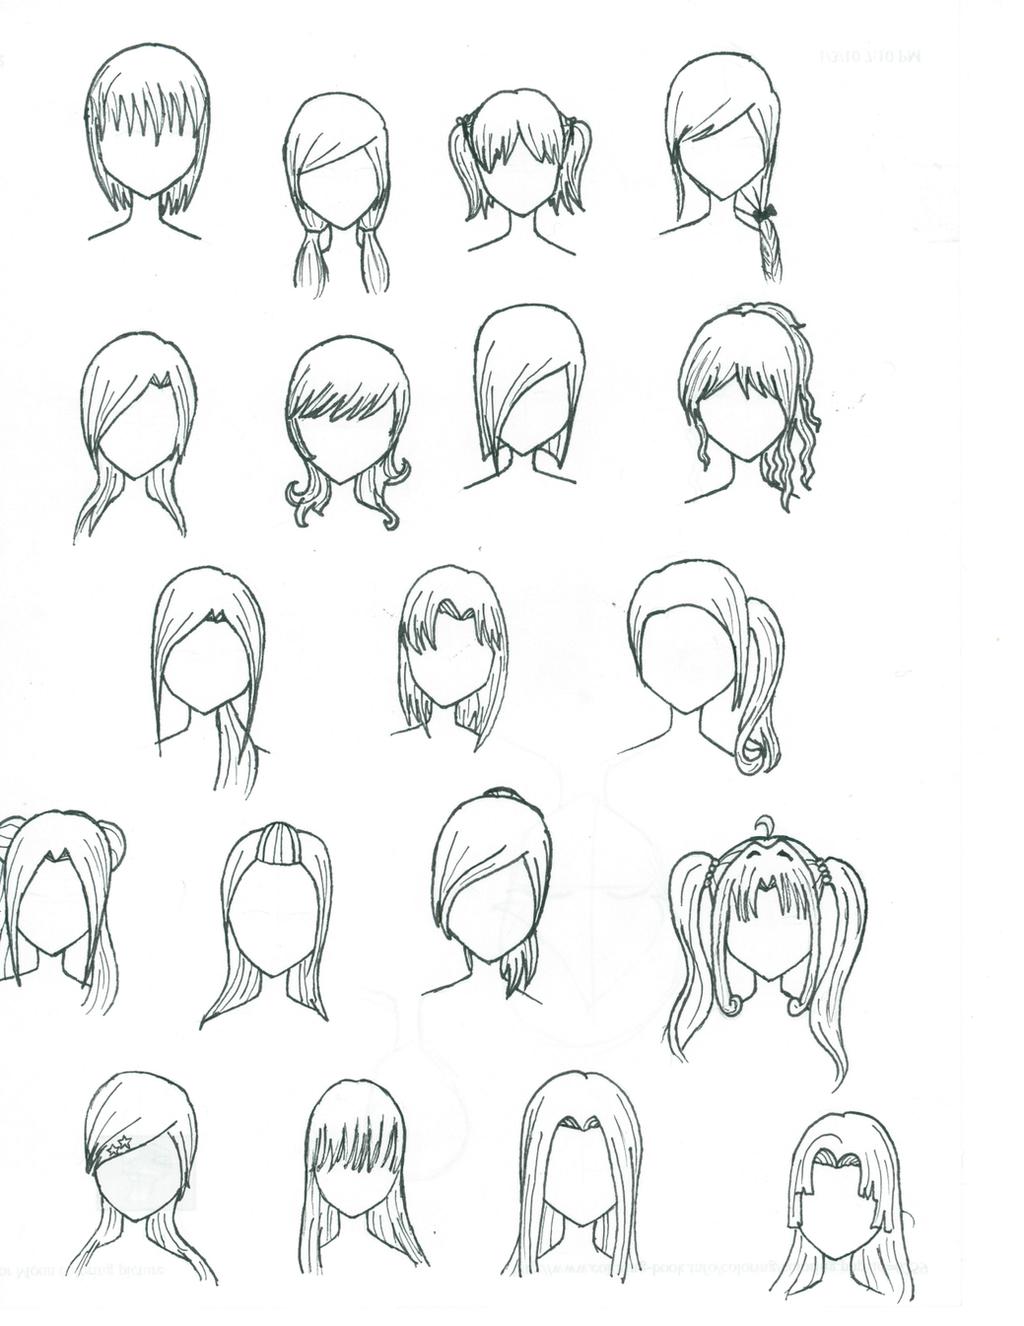 Best Wallpaper 2012 Anime Hair For Girls Stock Free Images